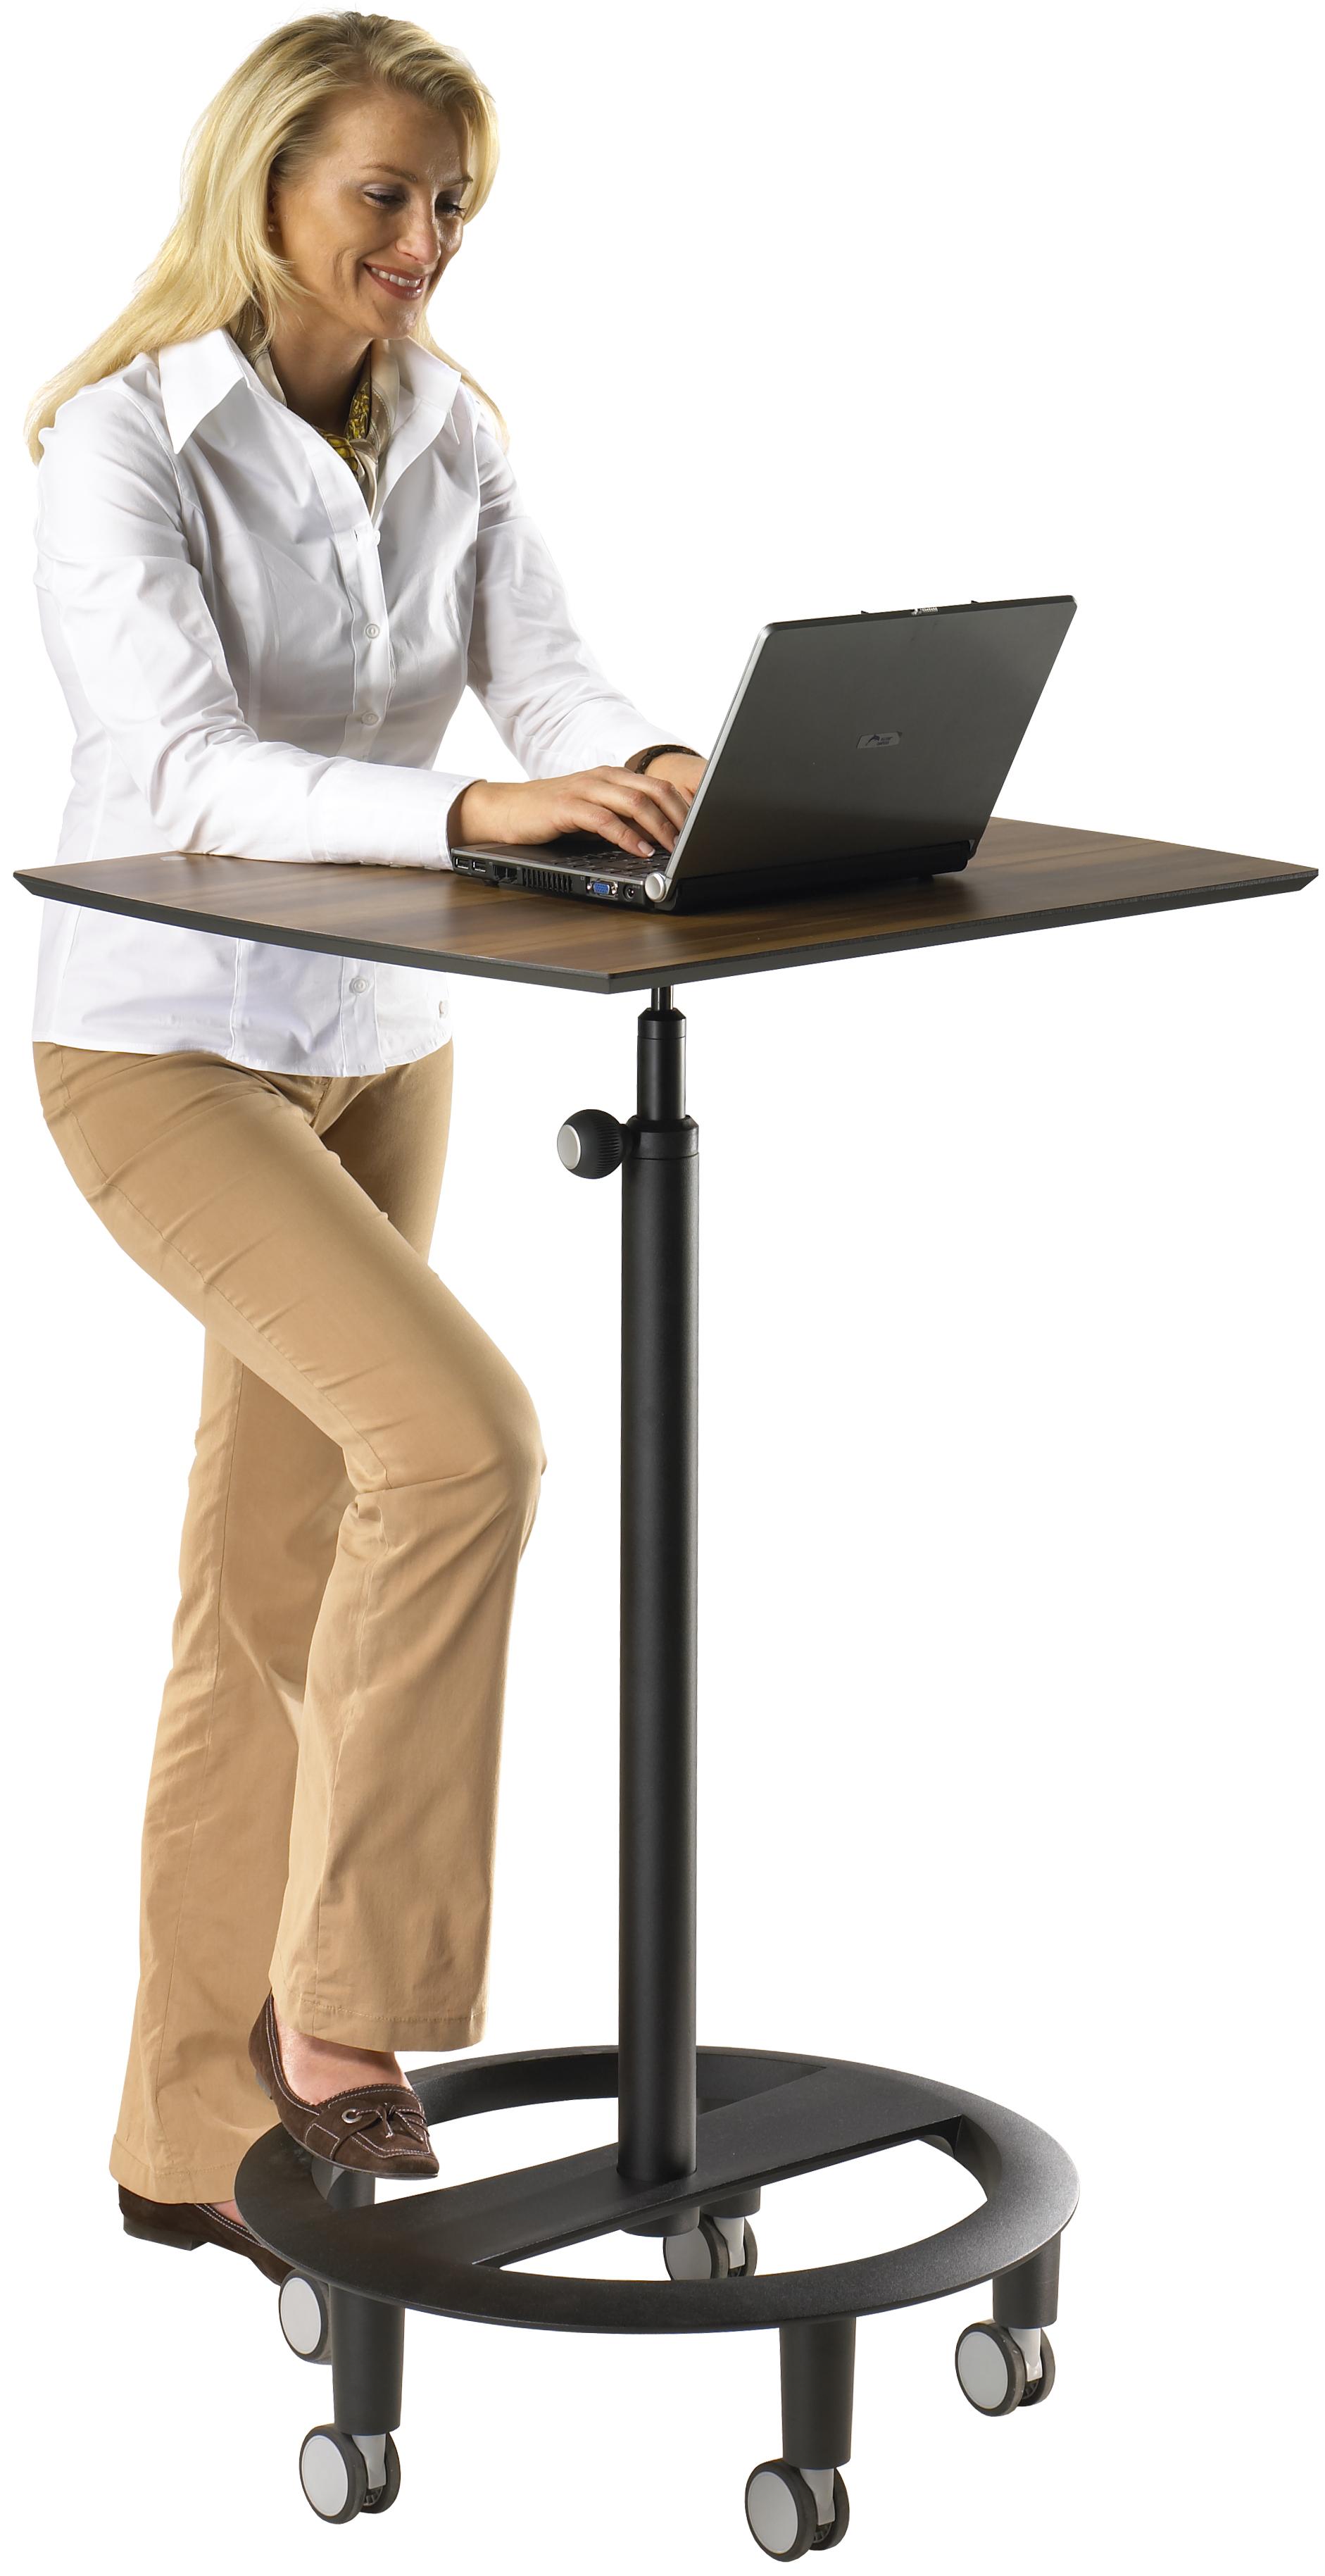 Testen Sie kostenlos Stehpulte Stehtische Stehhilfen - Laptoparbeit am rolls drive 3